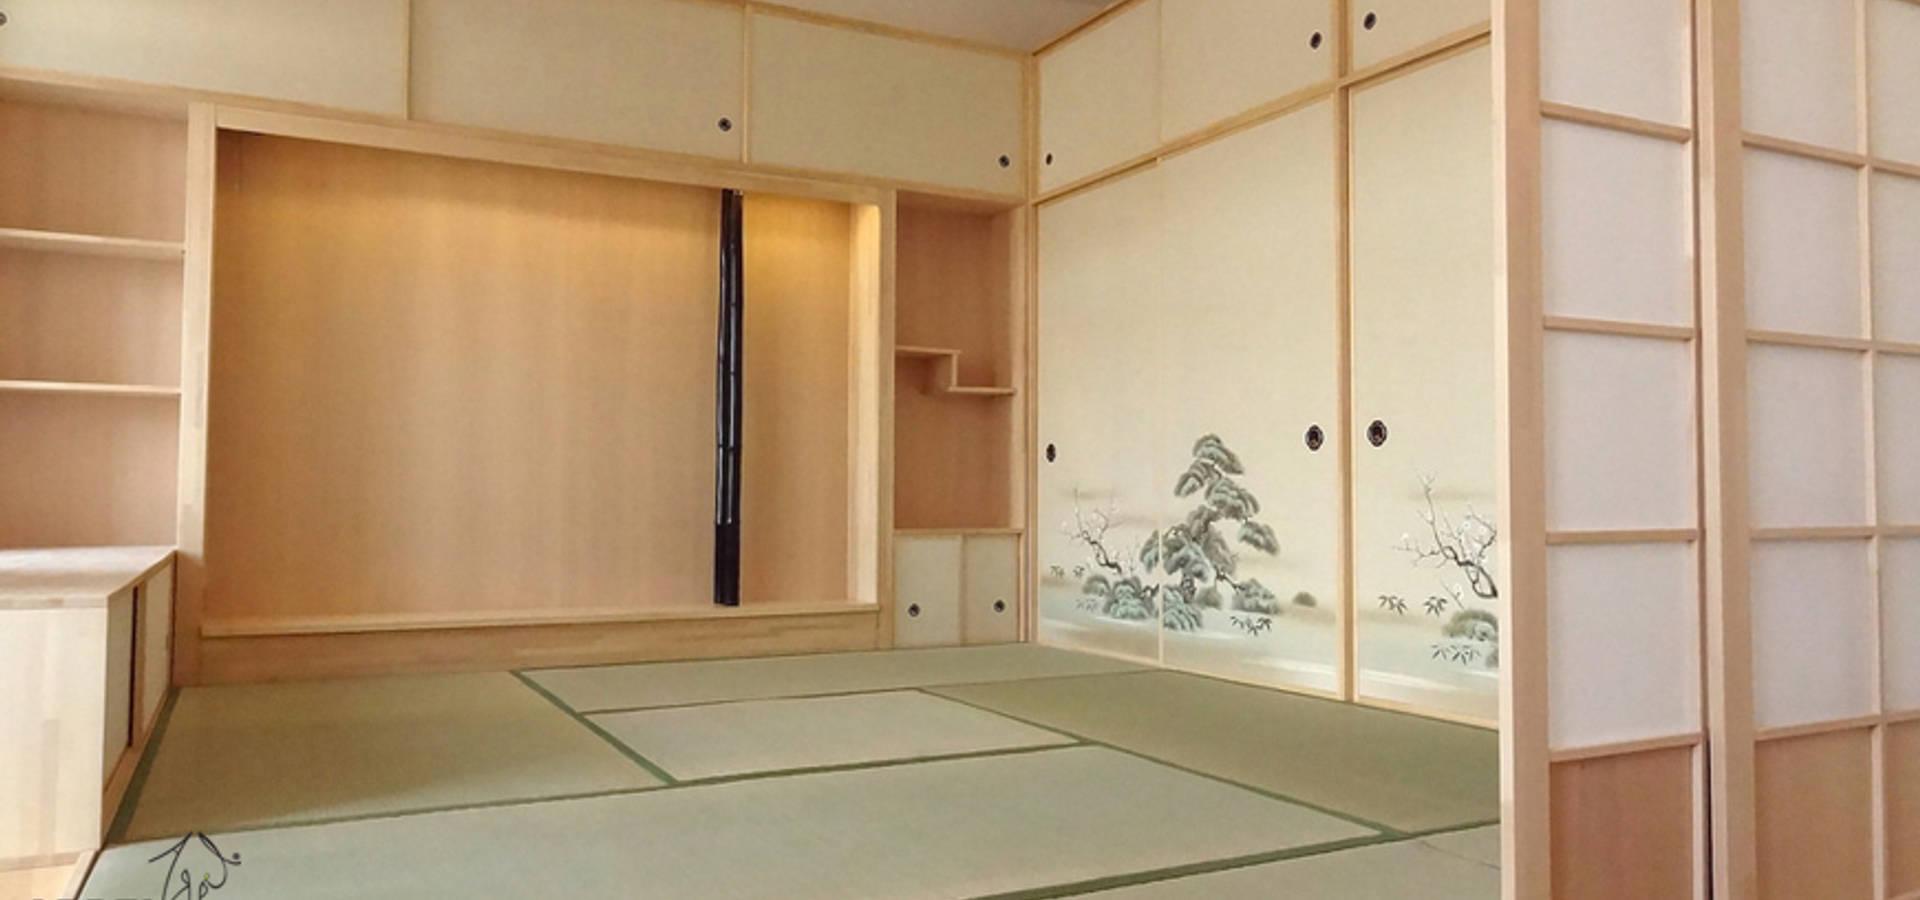 Soggiorno in stile giapponese shoji di arpel homify - Porte scorrevoli stile giapponese ...